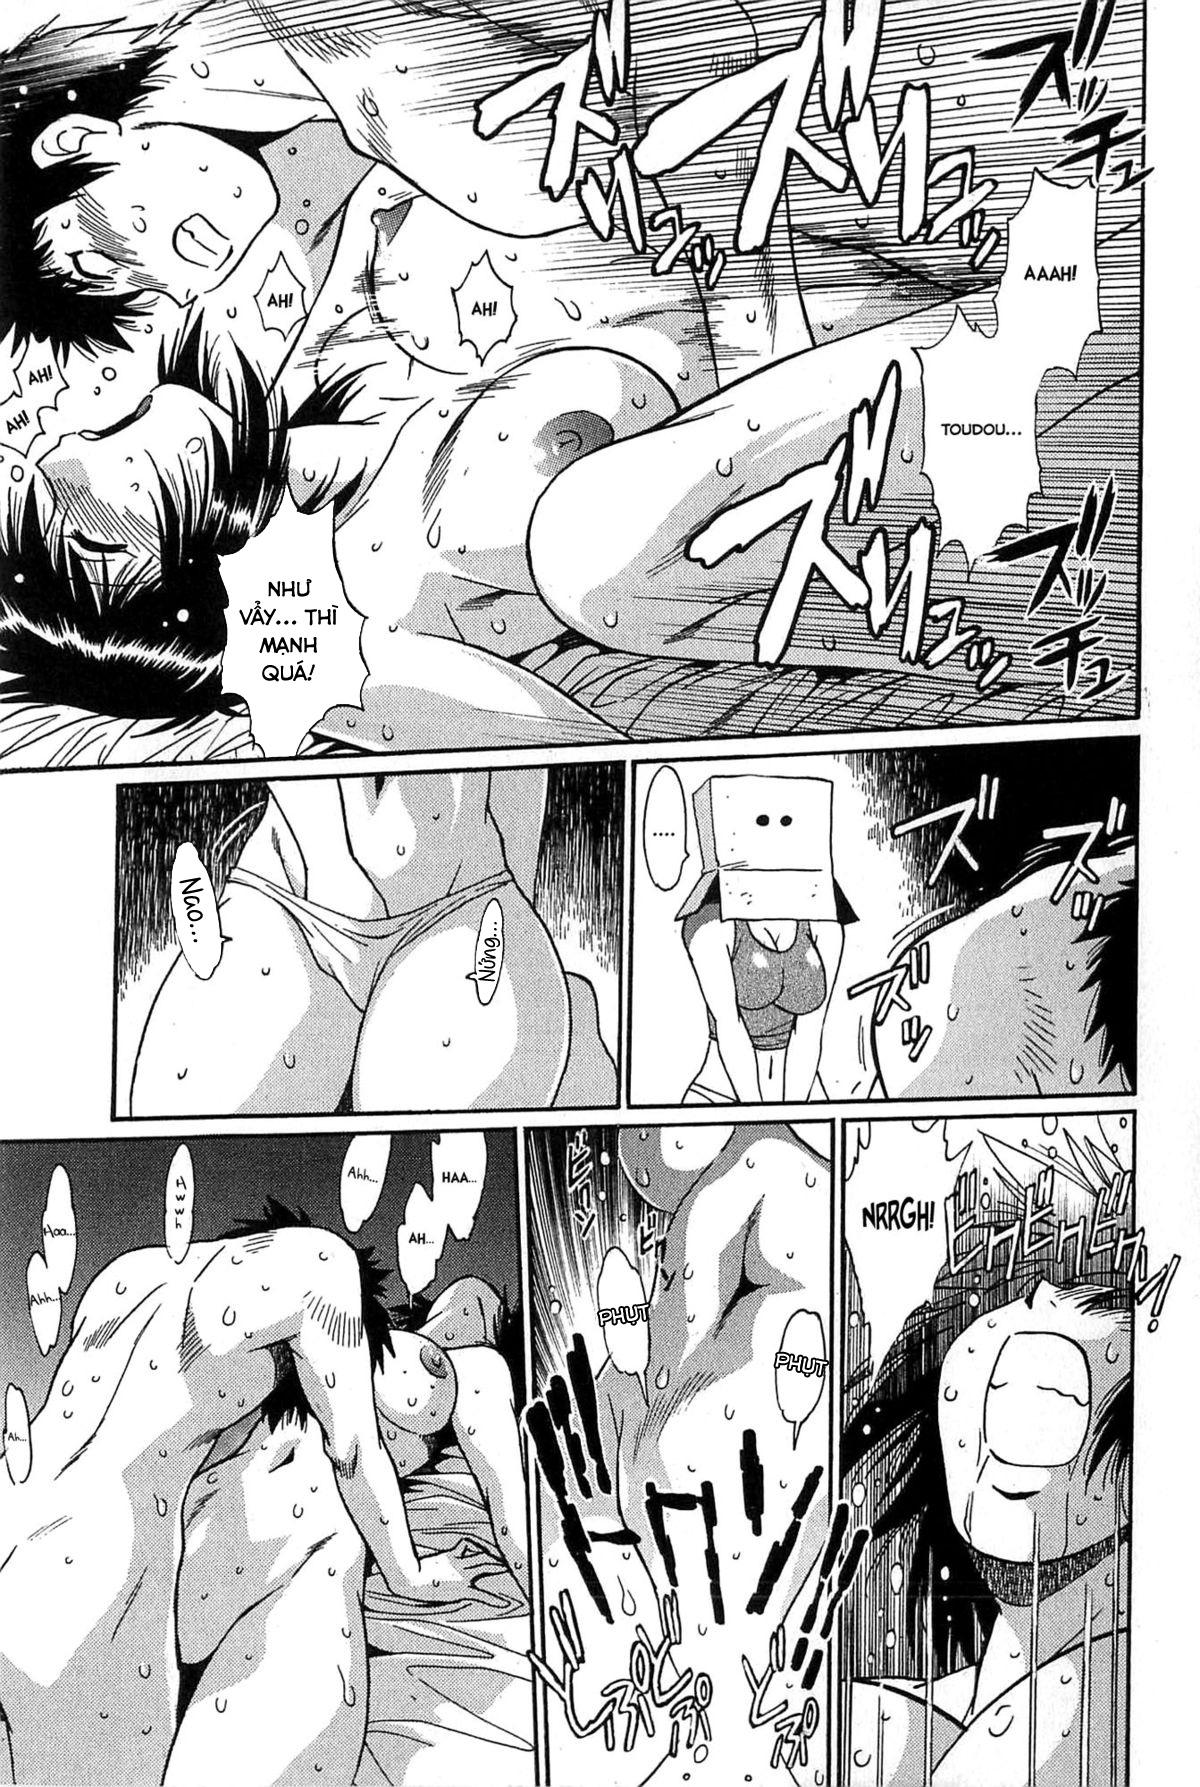 HentaiVN.net - Ảnh 20 - Kanojo de Ippai - 彼女で満室 - Room 3